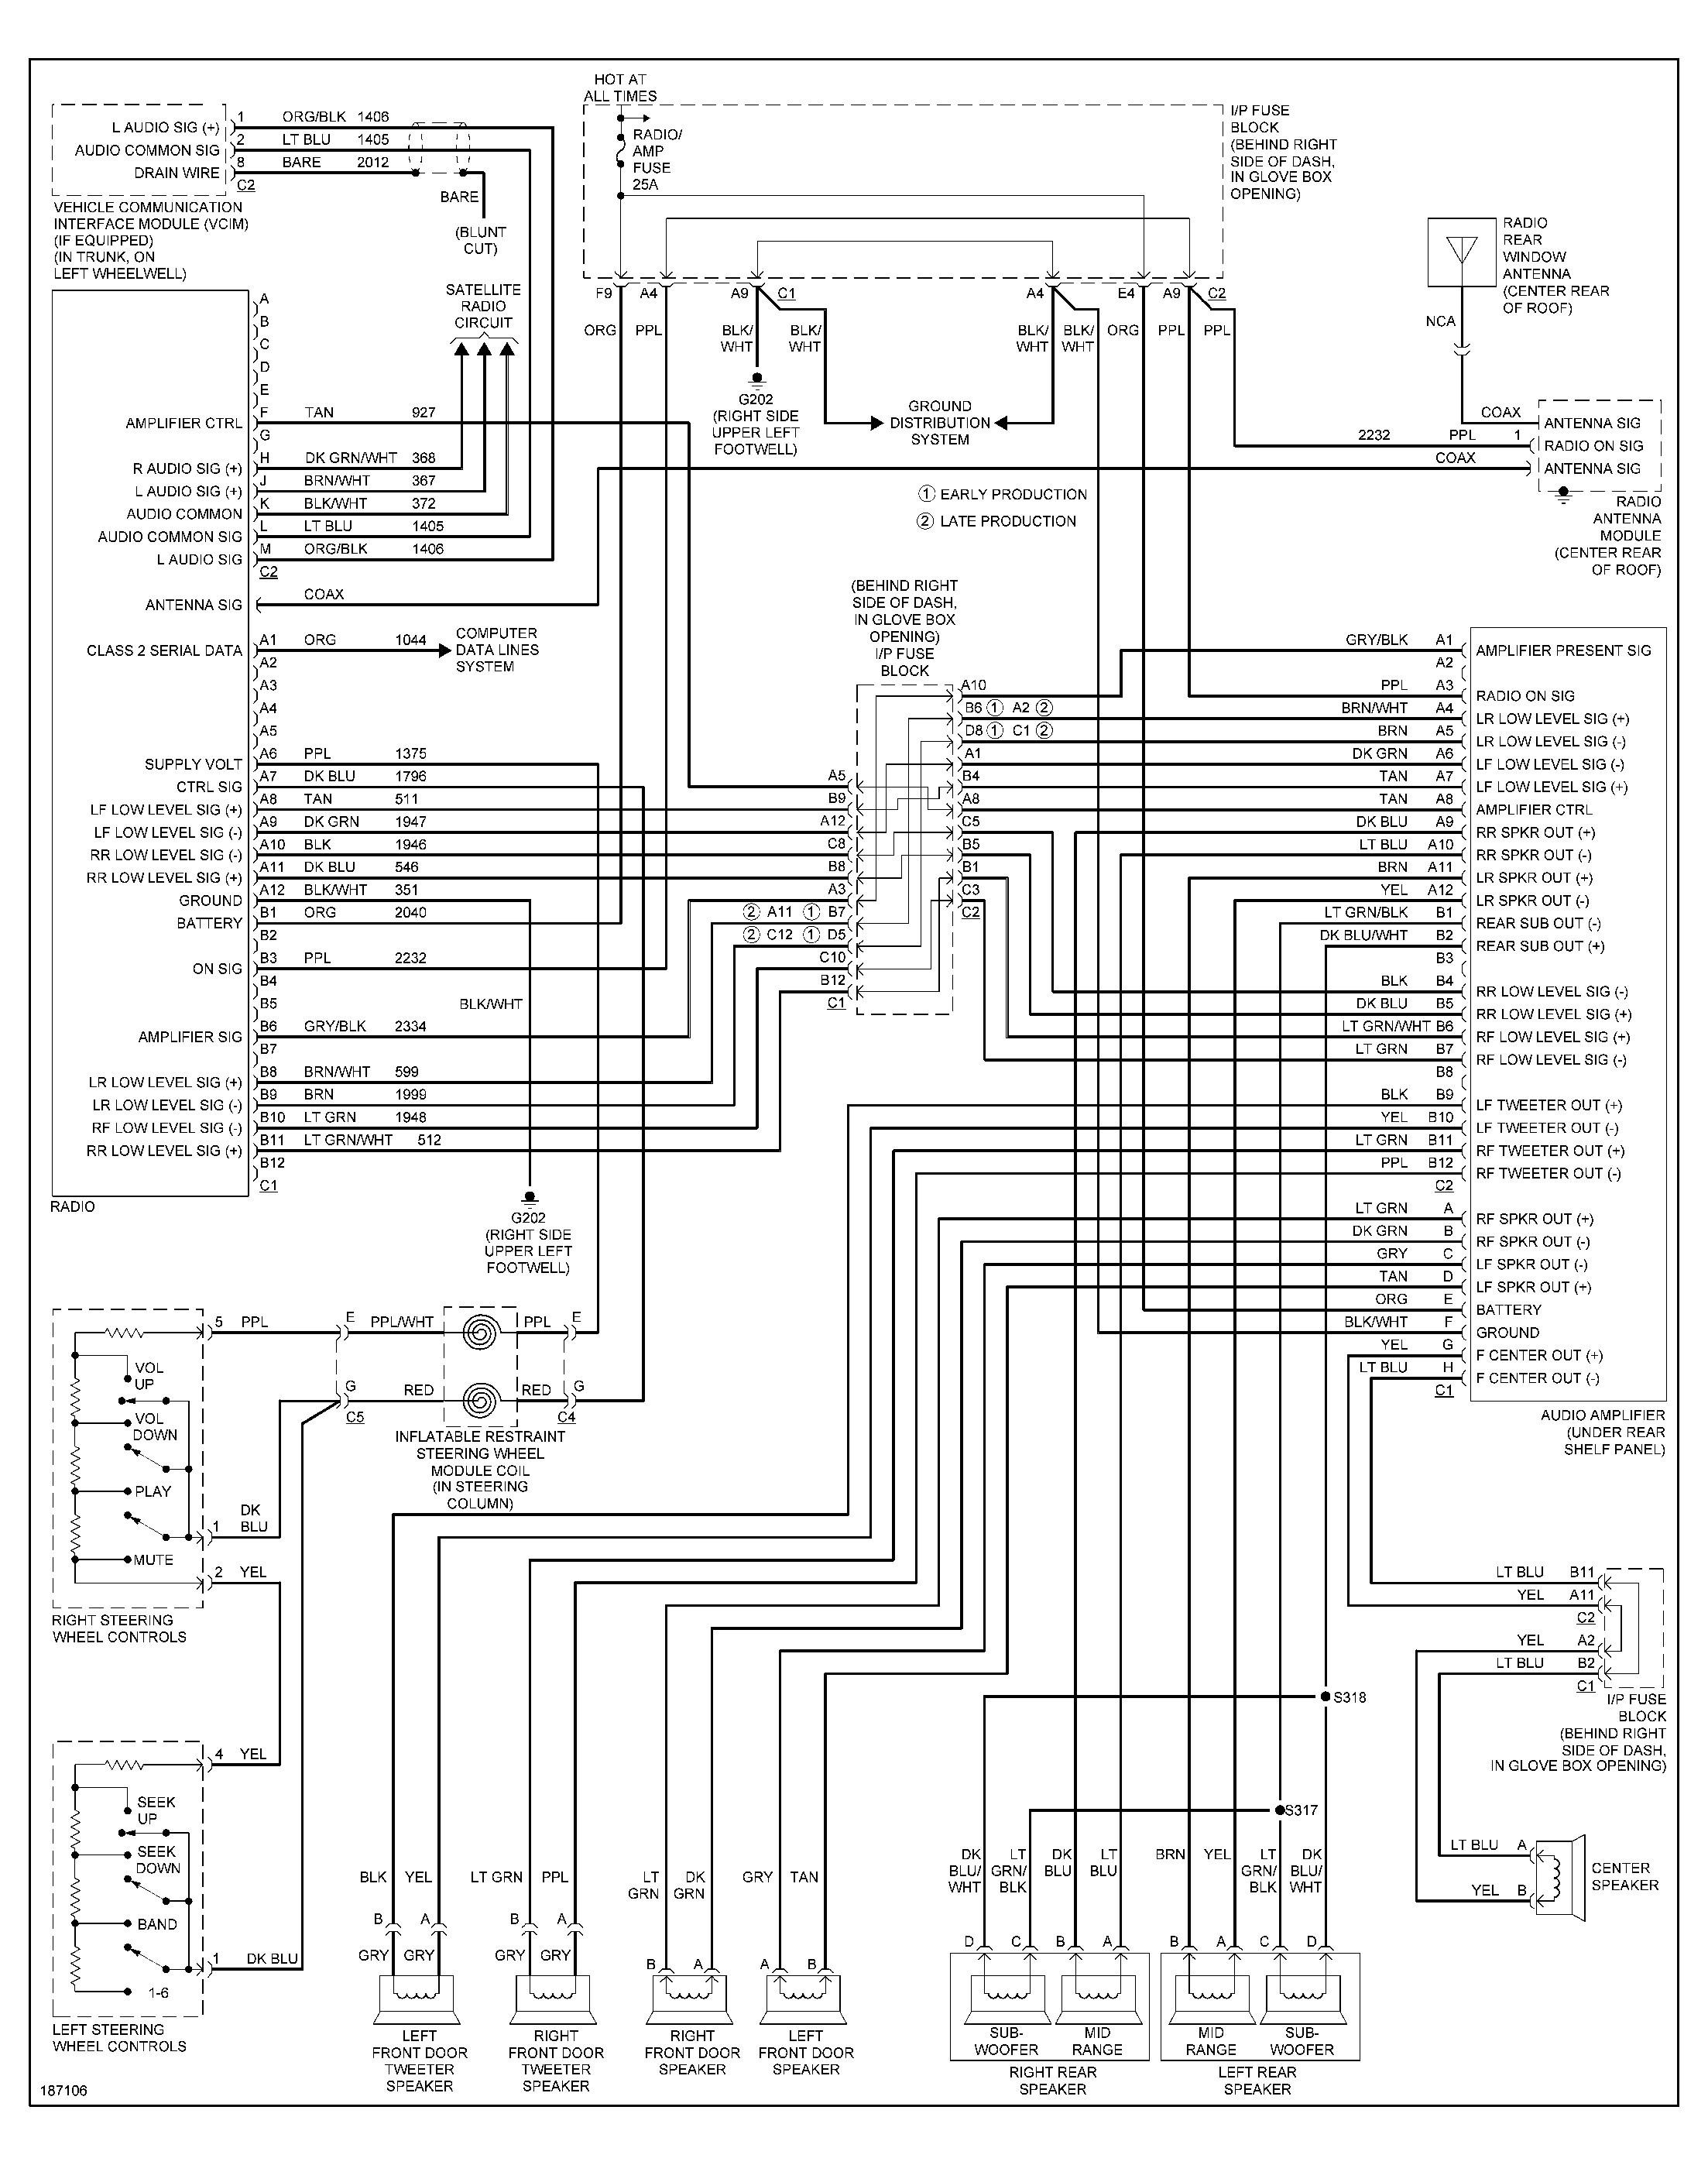 2004 Pontiac Grand Prix Engine Diagram 2004 Pontiac Grand Prix Gtp Engine Diagram Pontiac Grand Prix Wiring Of 2004 Pontiac Grand Prix Engine Diagram